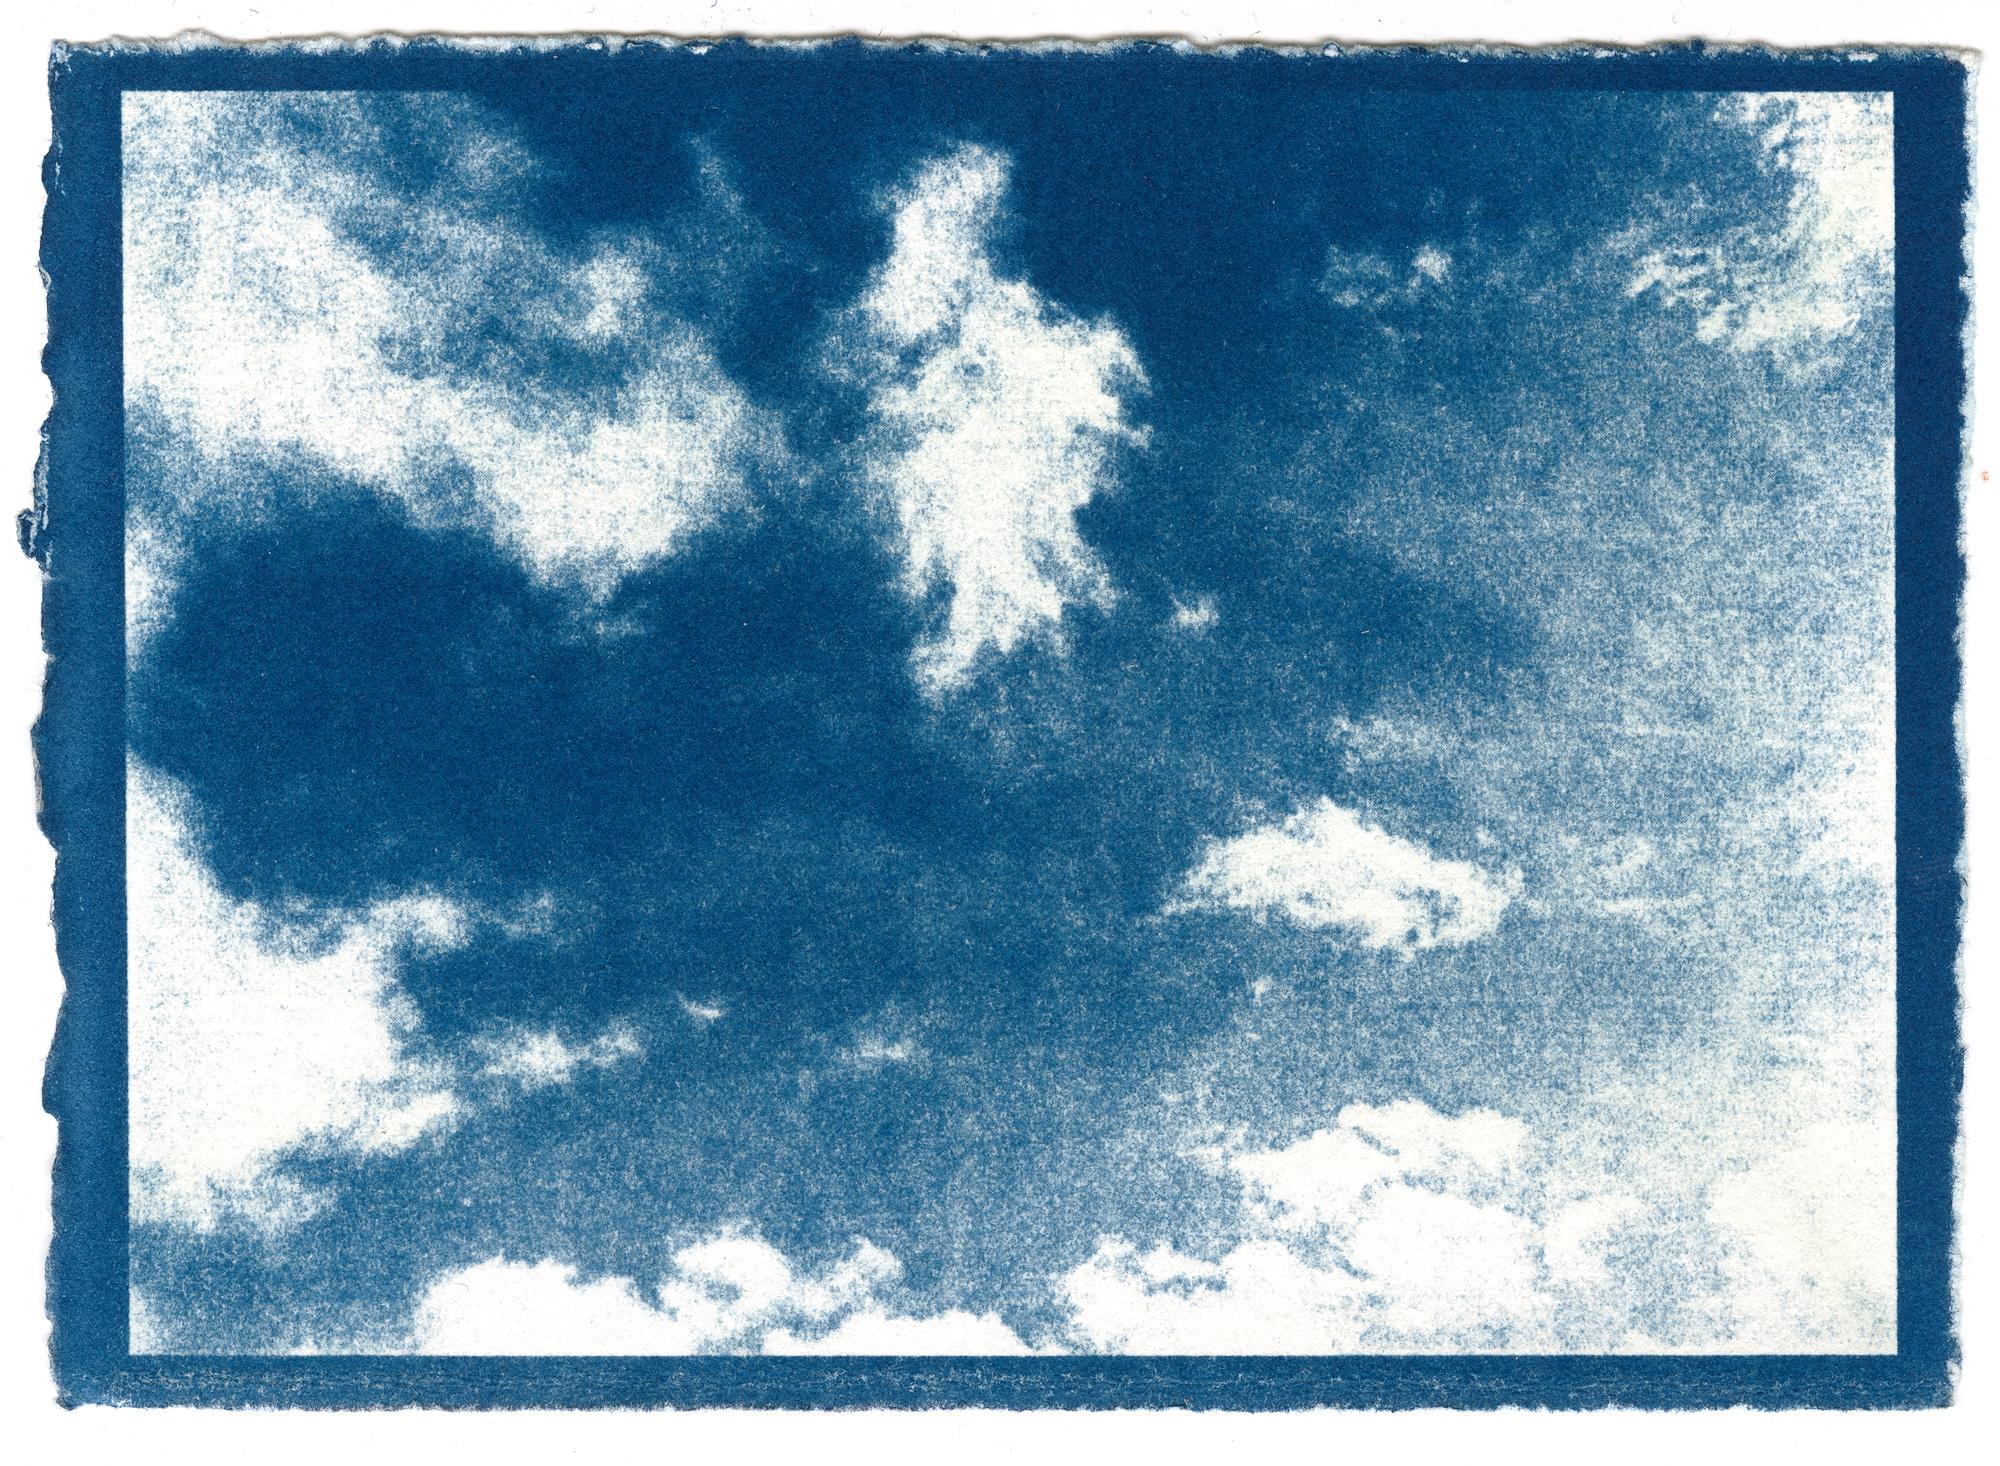 Sky 1 (27).jpg